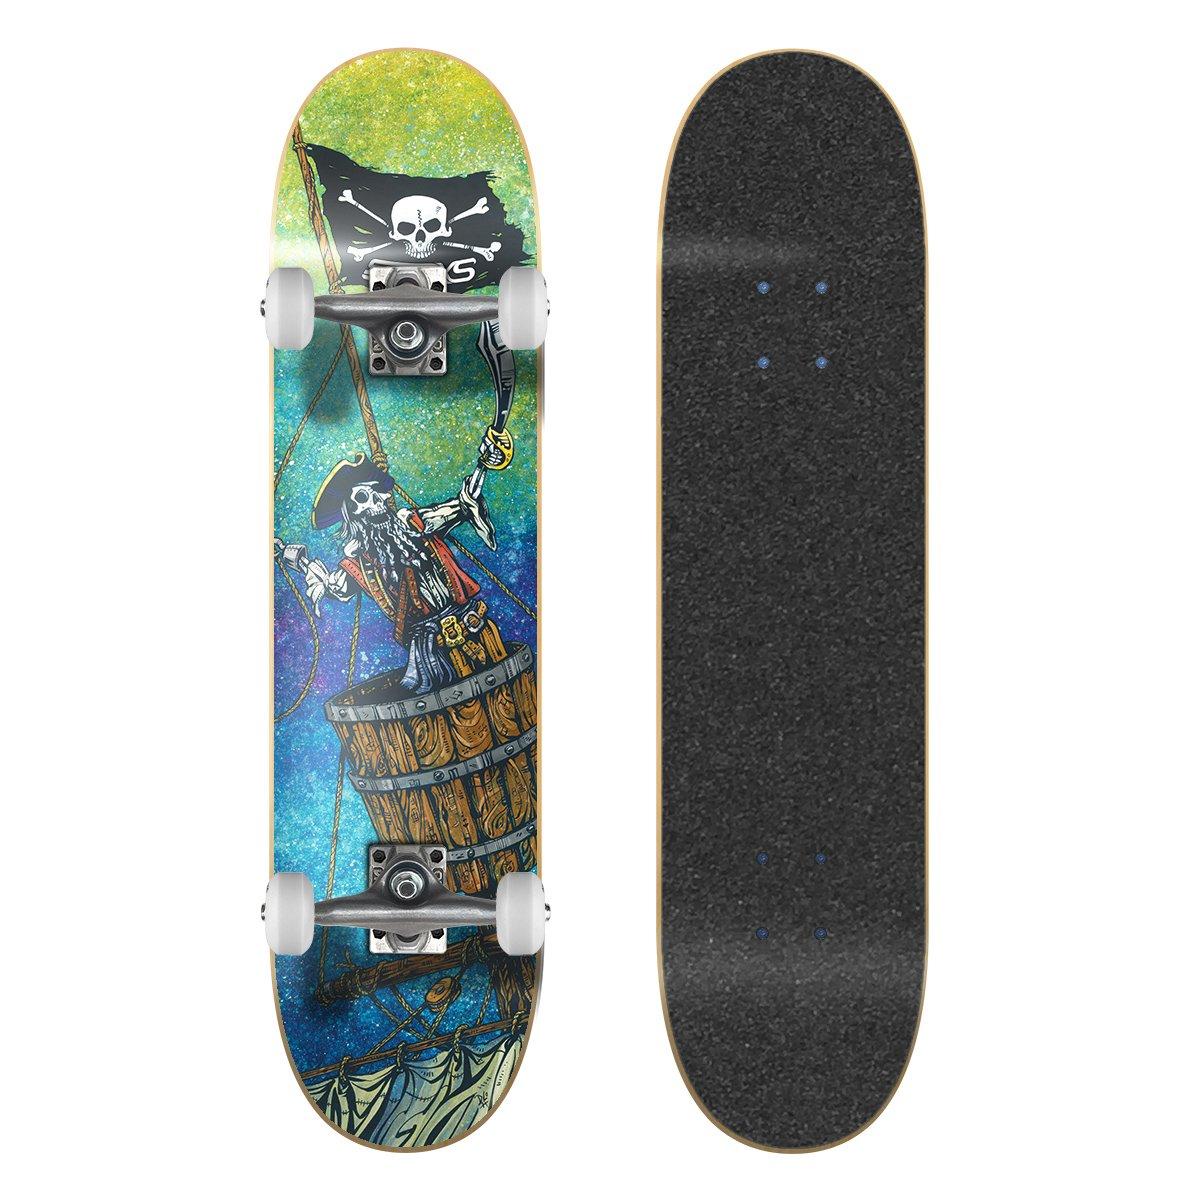 SkateXS Beginner Pirate Street Skateboard by SkateXS